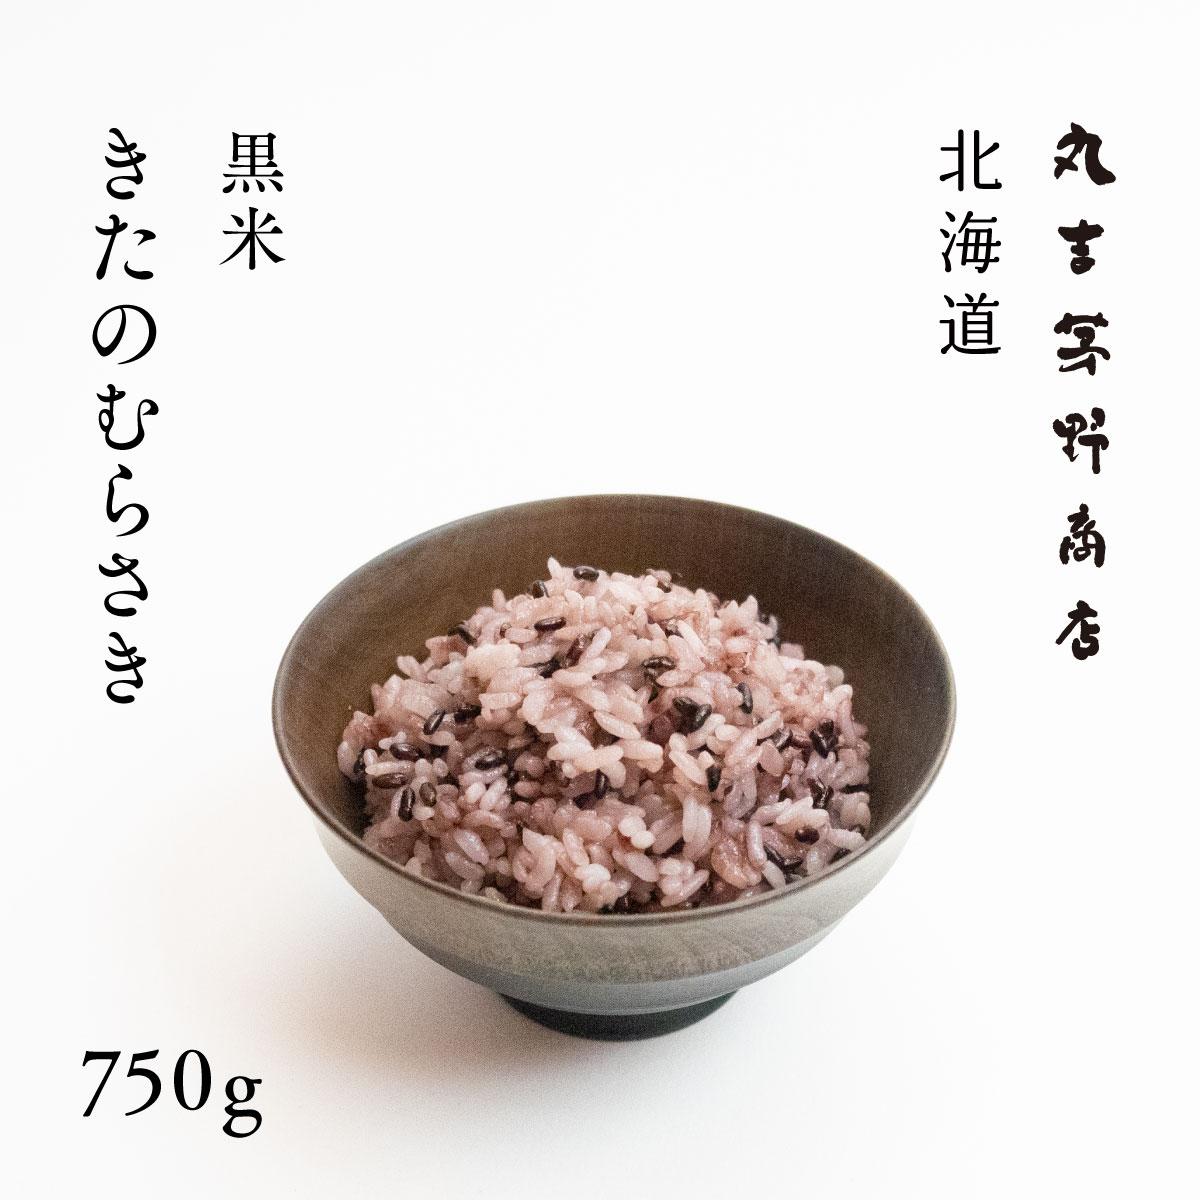 白米に混ぜて炊く NEW 健康効果が期待できるお米 トラスト 黒米 きたのむらさき 古代米 北海道産 750g 送料無料